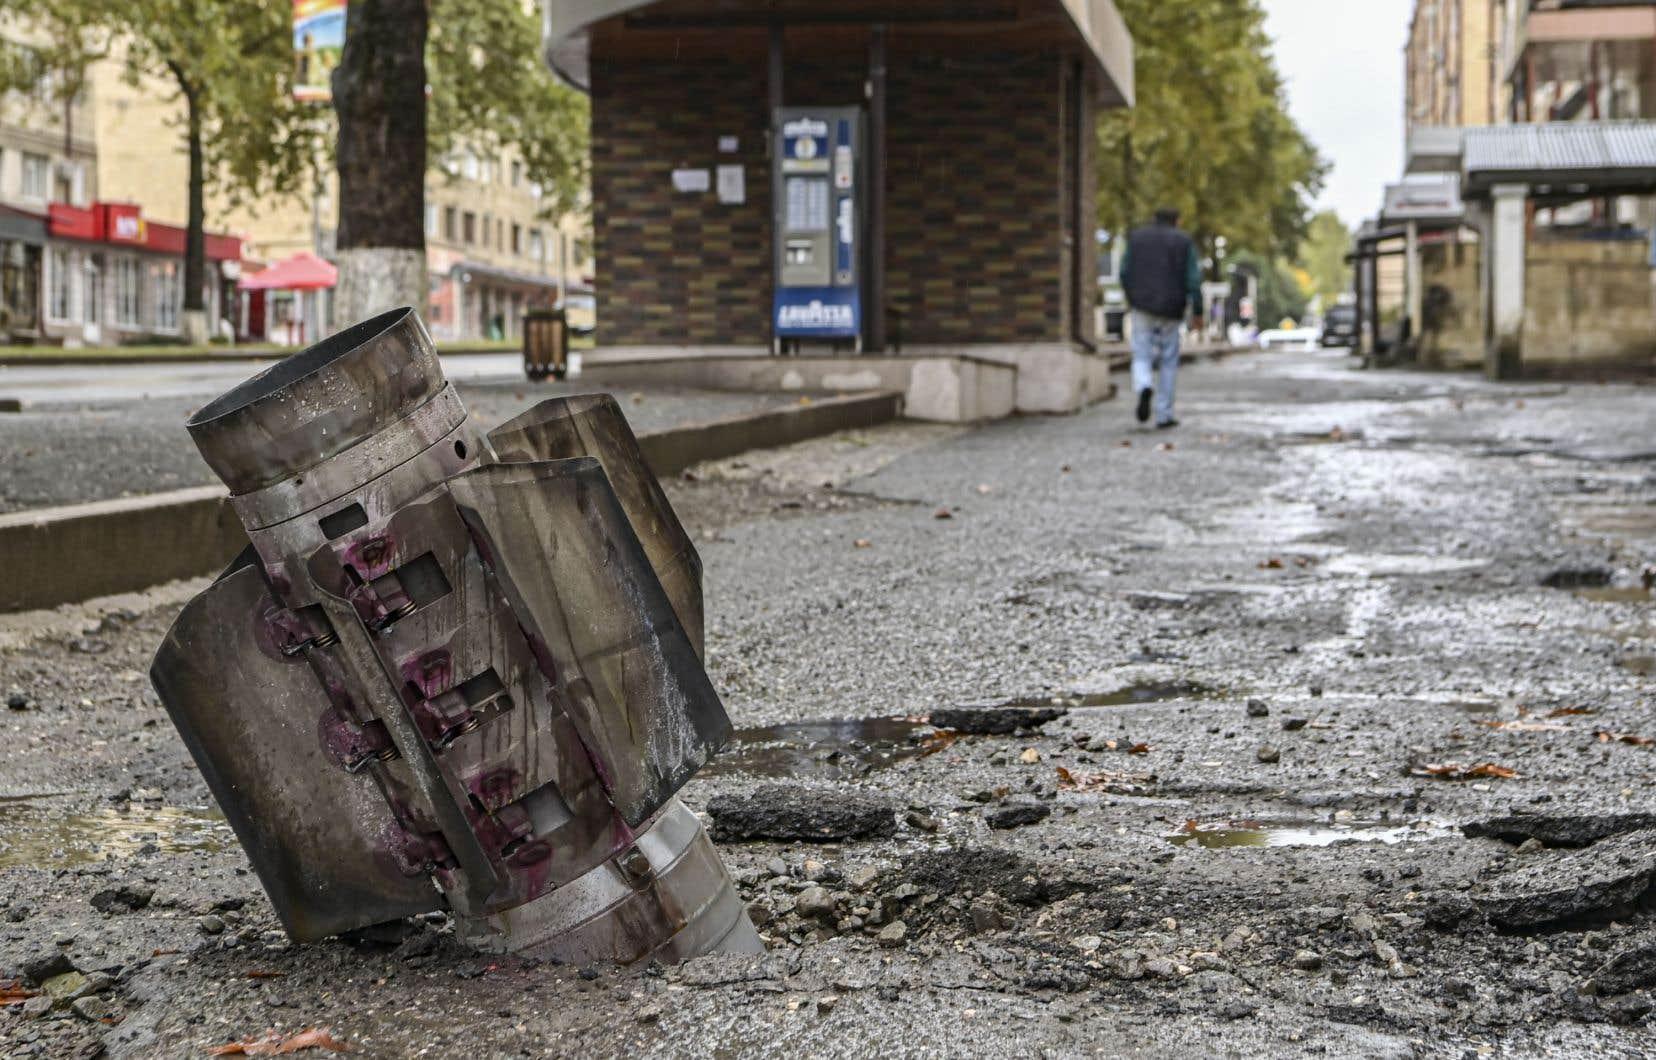 Une rocket non explosée dans la principale ville séparatiste de la région du Haut-Karabakh, Stepanakert, le 6 octobre 2020.